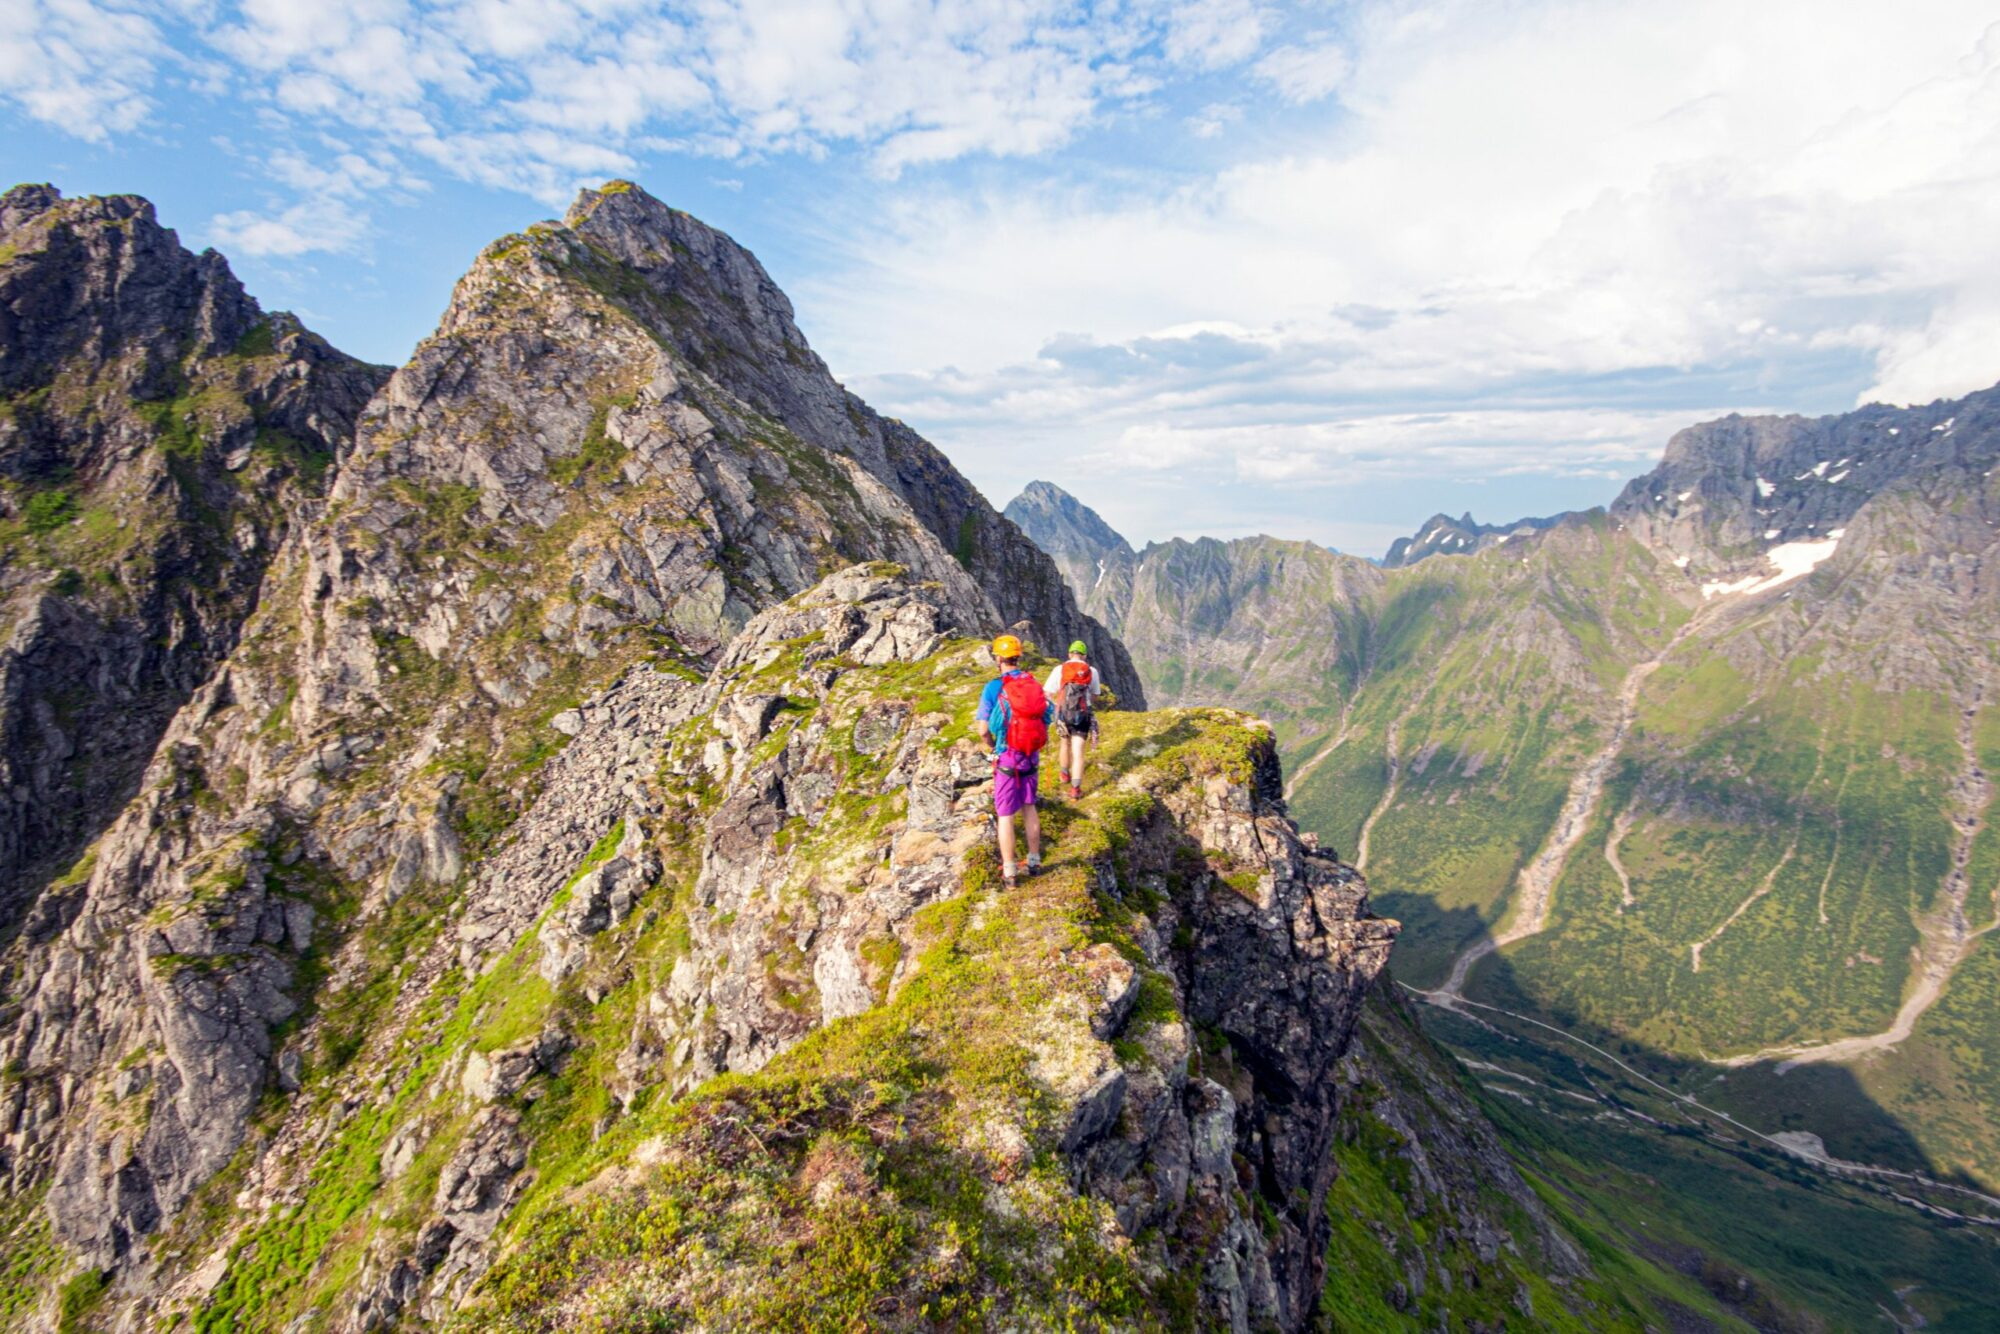 Ei fin og luftig fjellegg, slik som vi likar det.